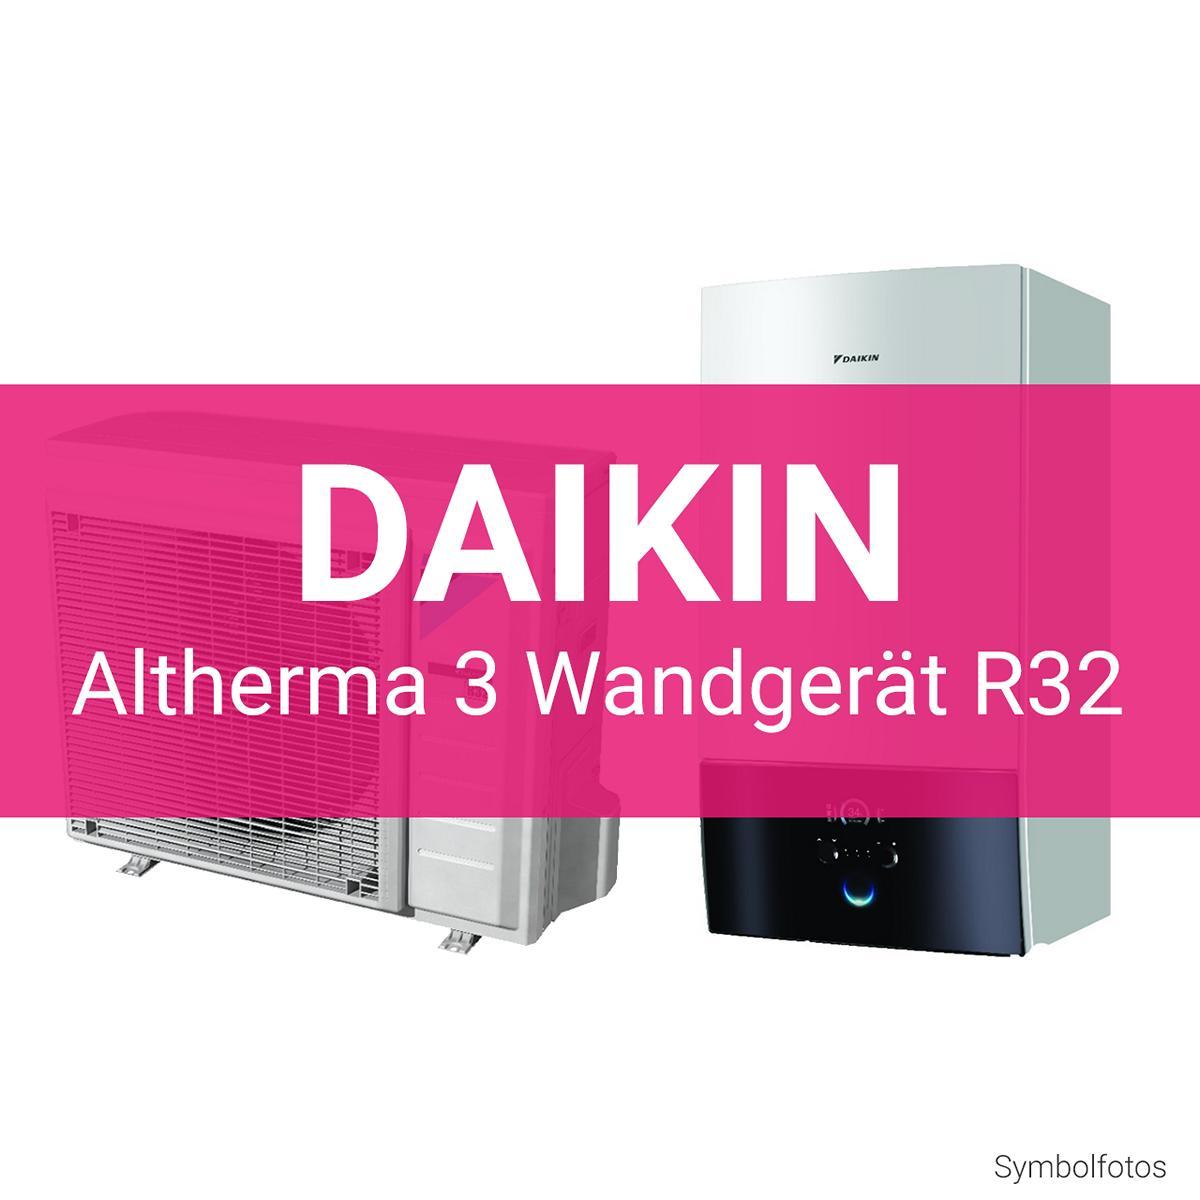 Daikin Altherma 3 Wandgerät R32